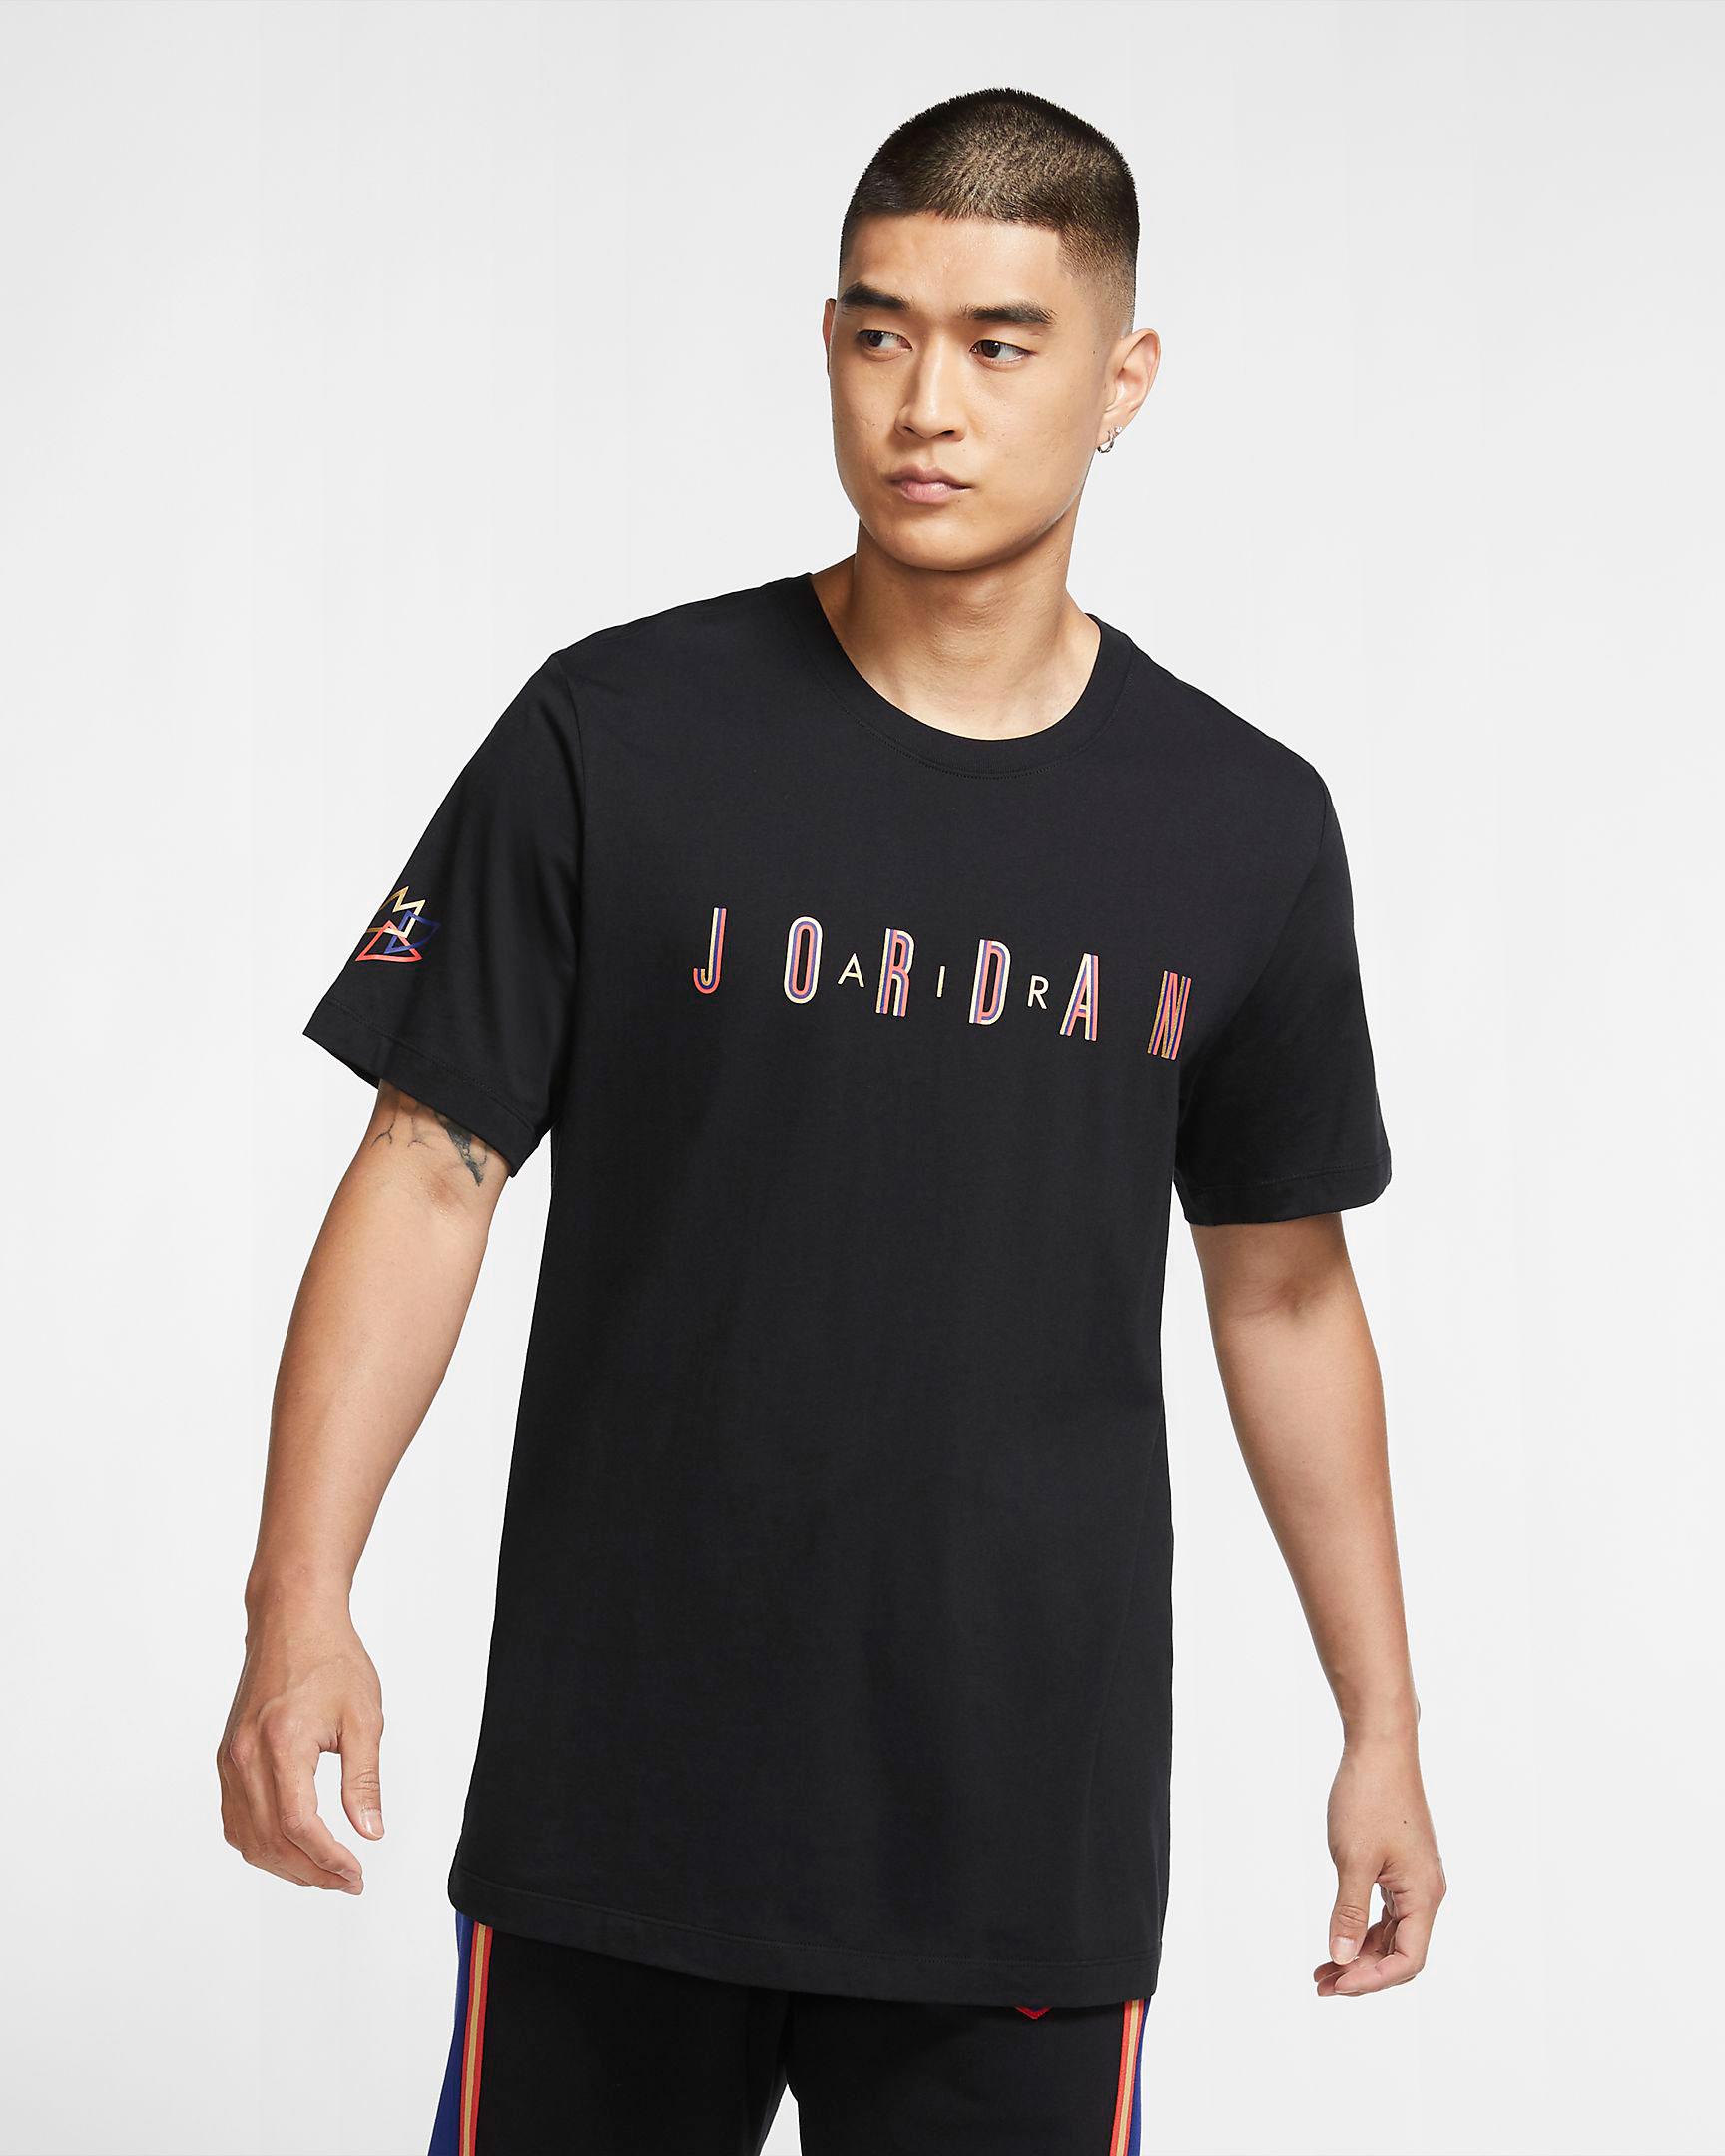 air-jordan-7-greater-china-shirt-match-4